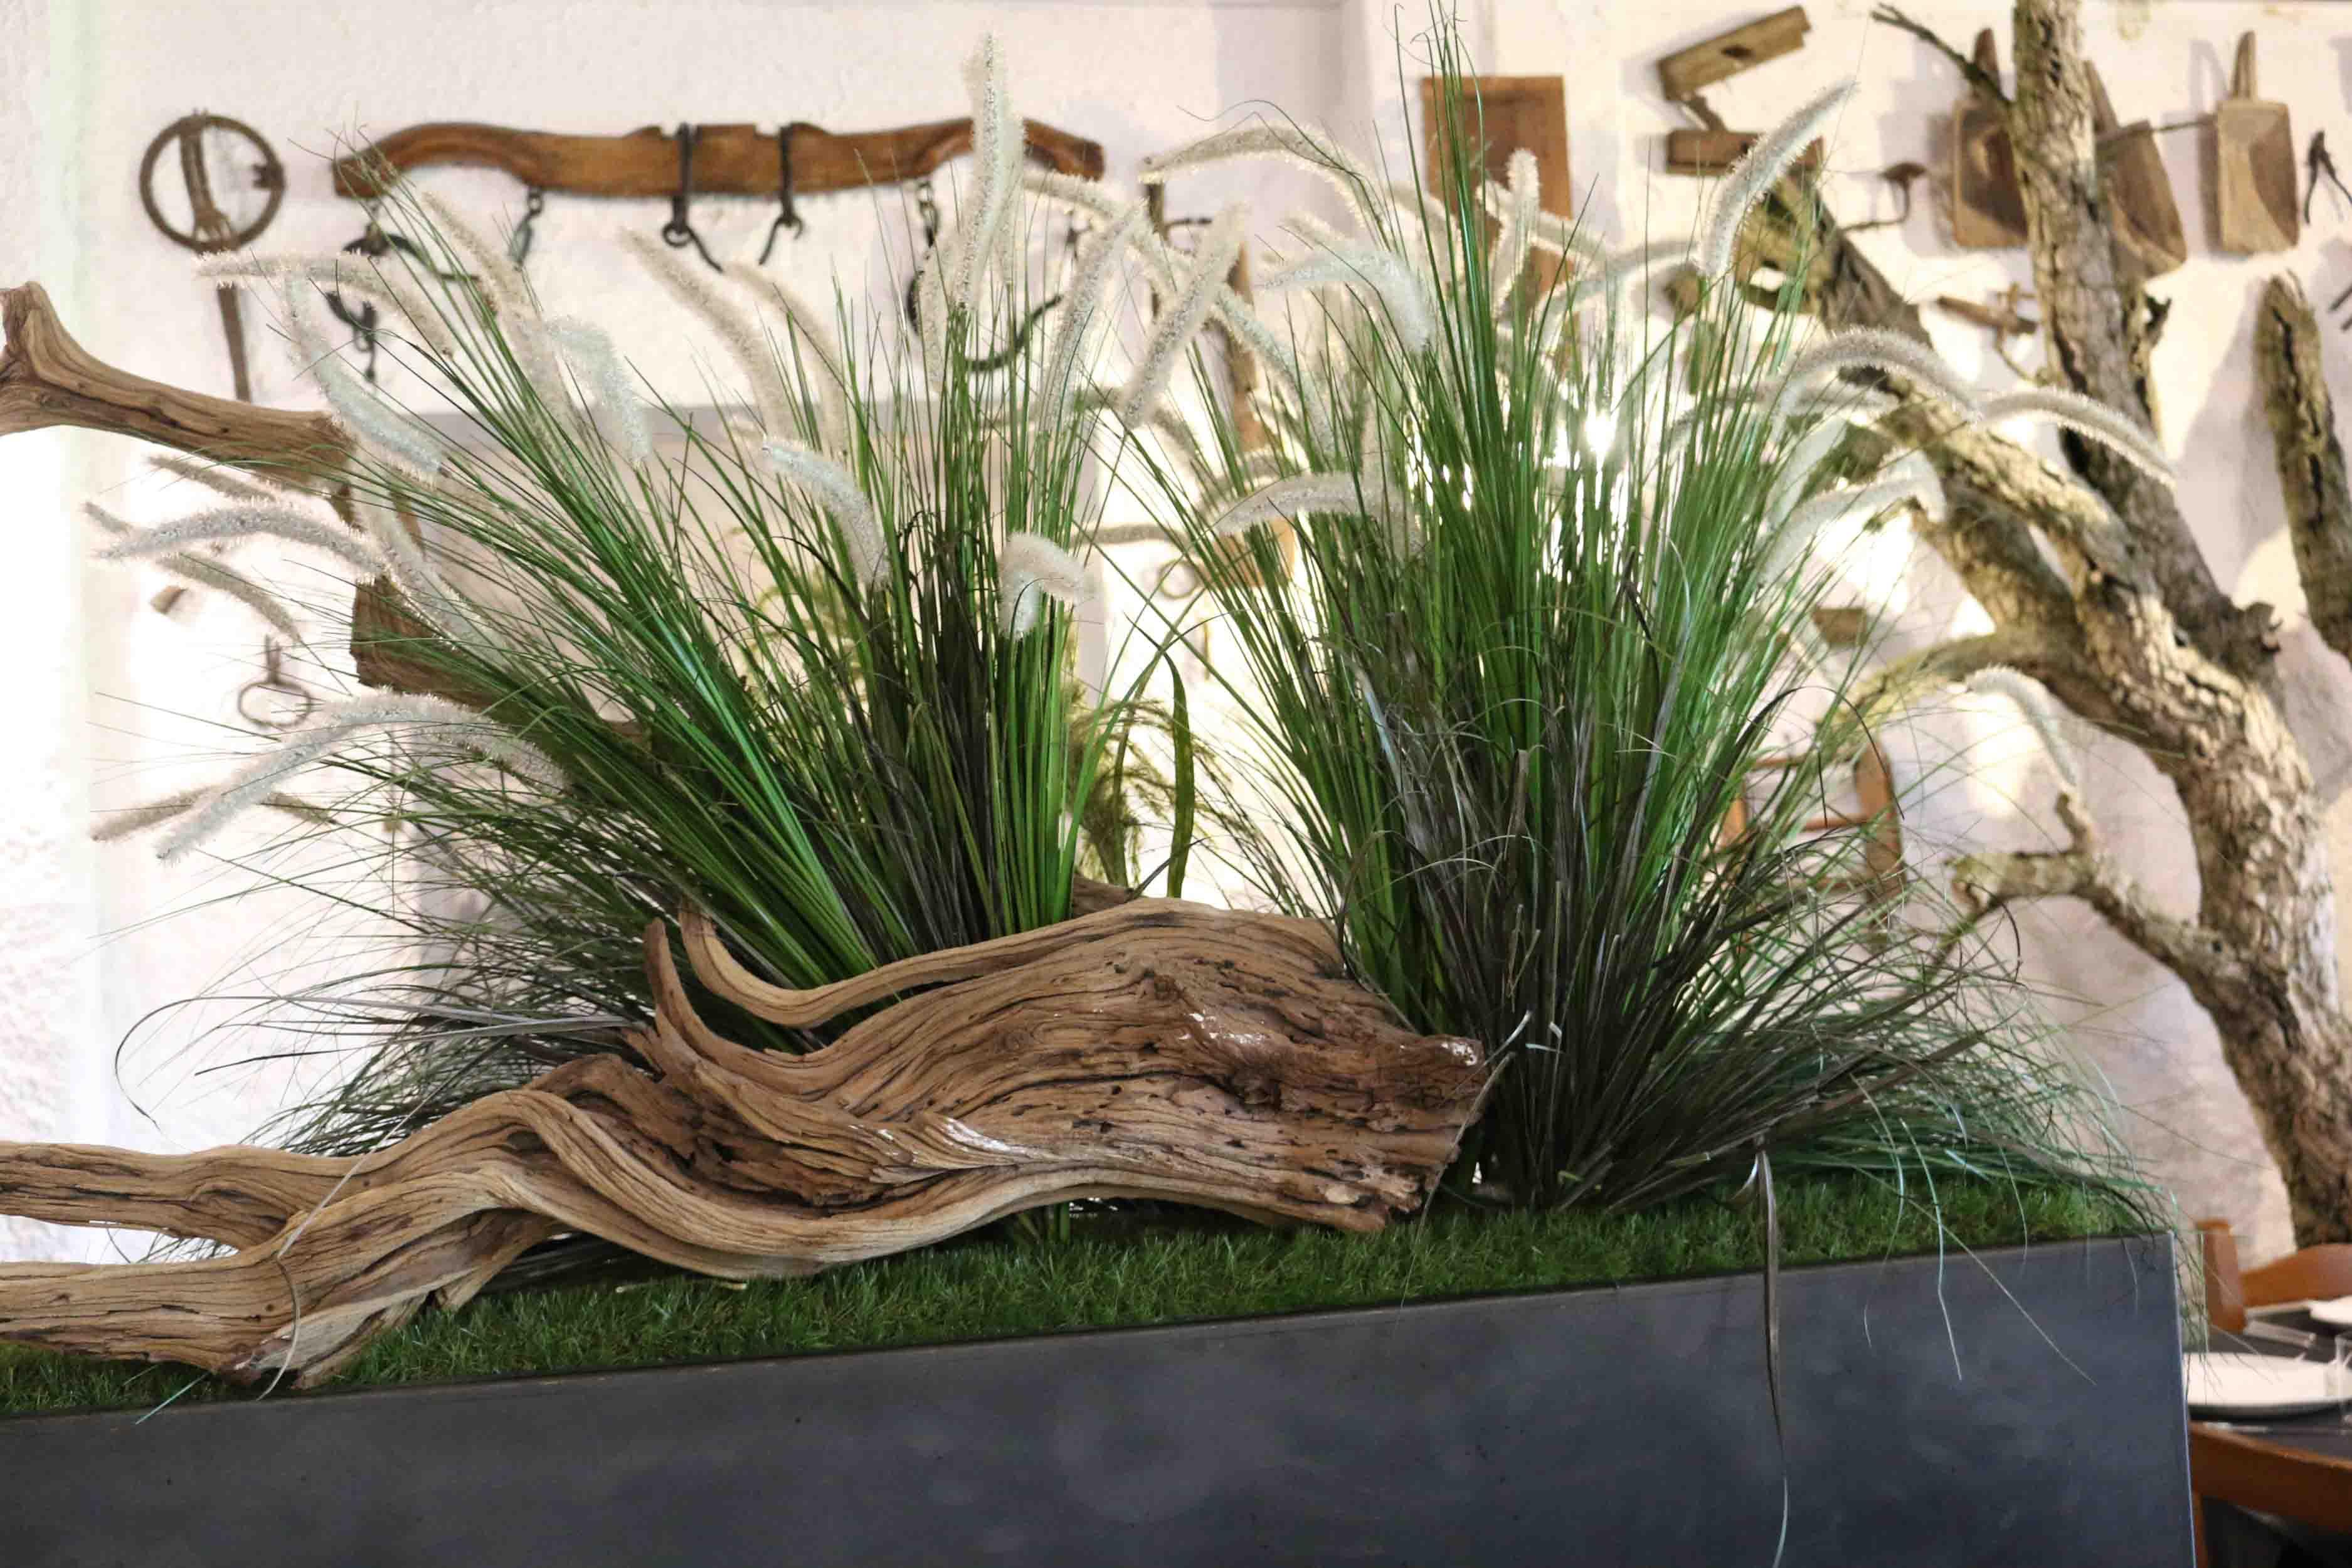 Piante decorative ristorante Vecio Piave